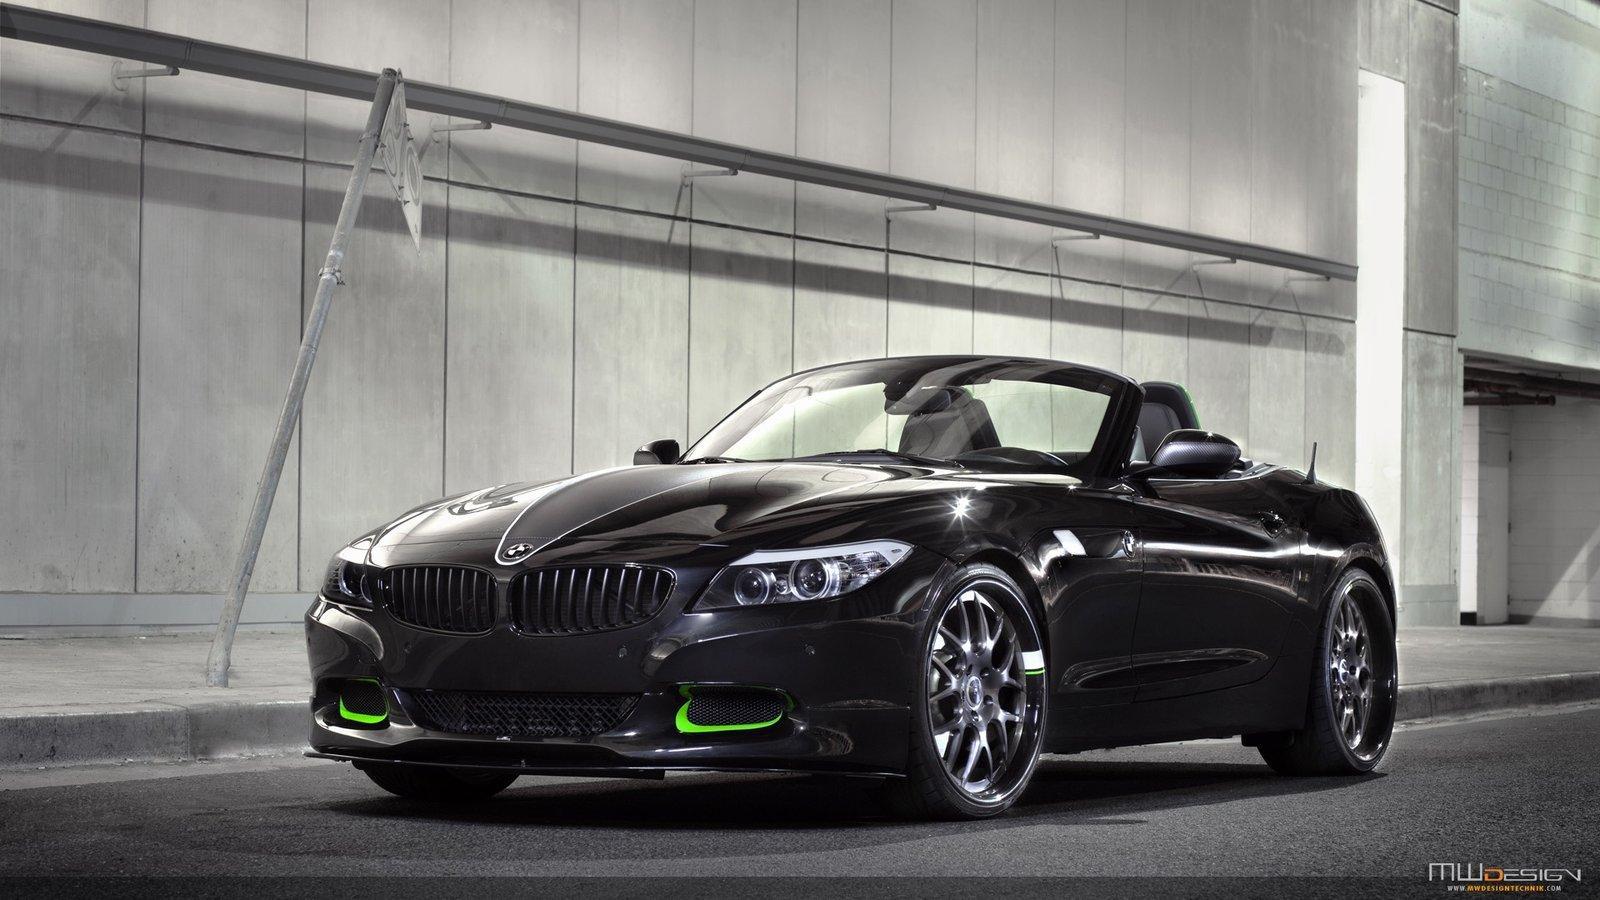 sports cars bmw z4 model. Black Bedroom Furniture Sets. Home Design Ideas